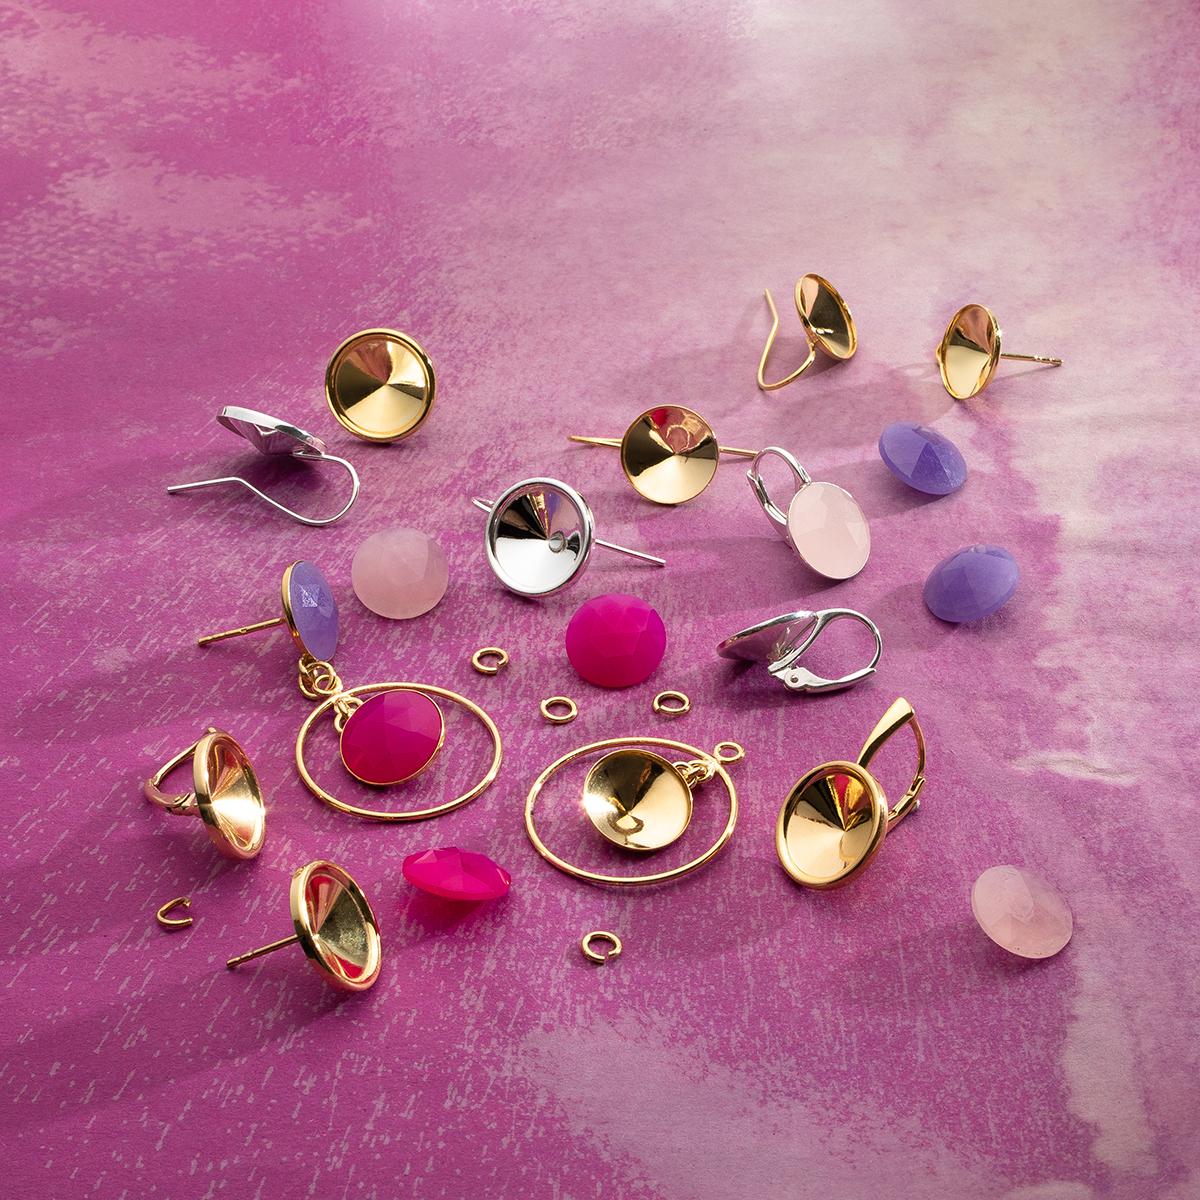 naturalne kamienie do biżuterii